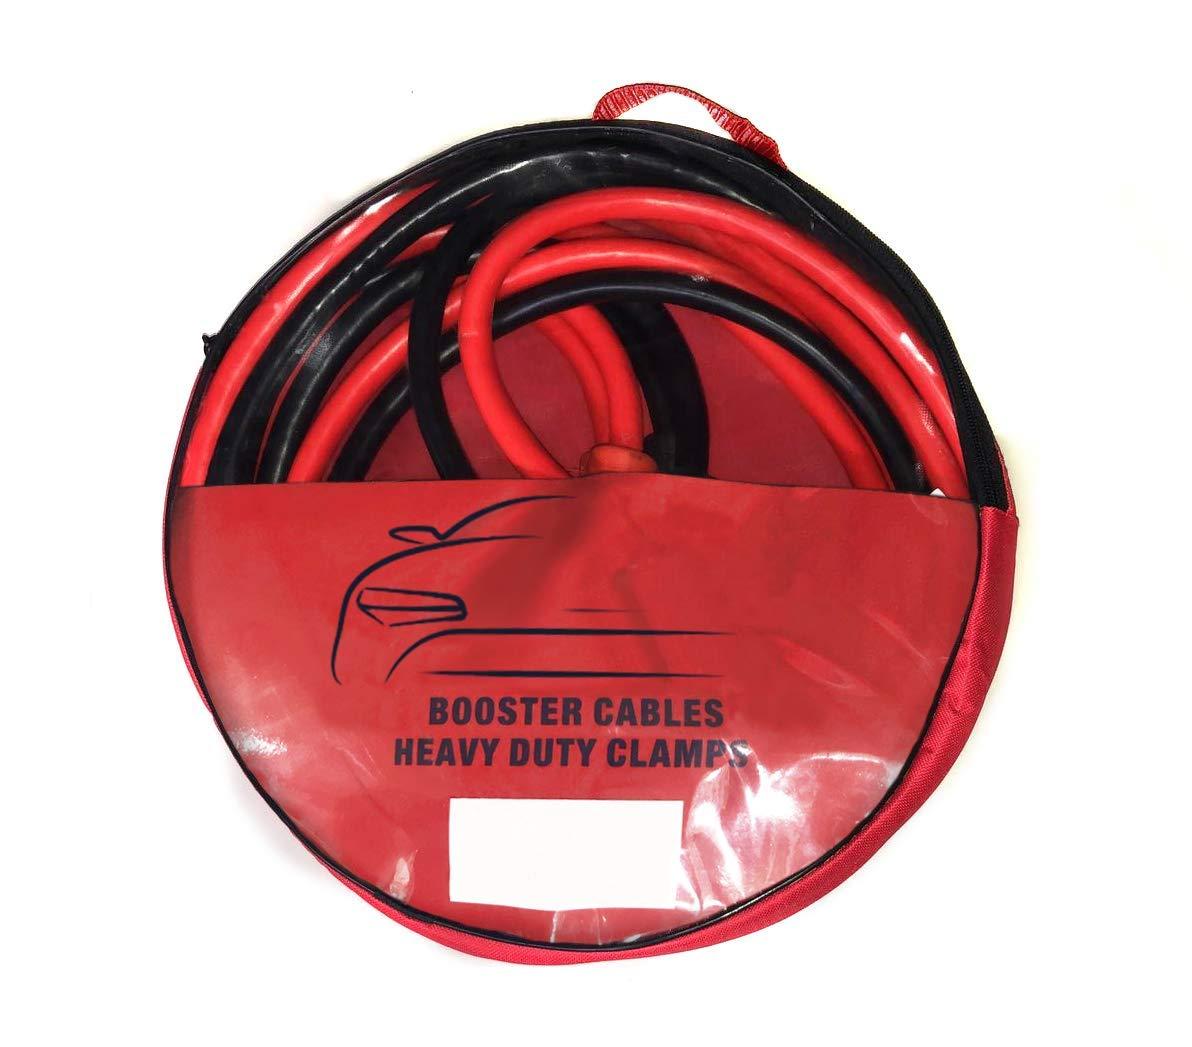 Asc 5m 2000A Cables Arranque,Cables Pasacorriente,Resistente Pinzas, para Gasolina & Diésel Incluye Bolsa/Estuche de…